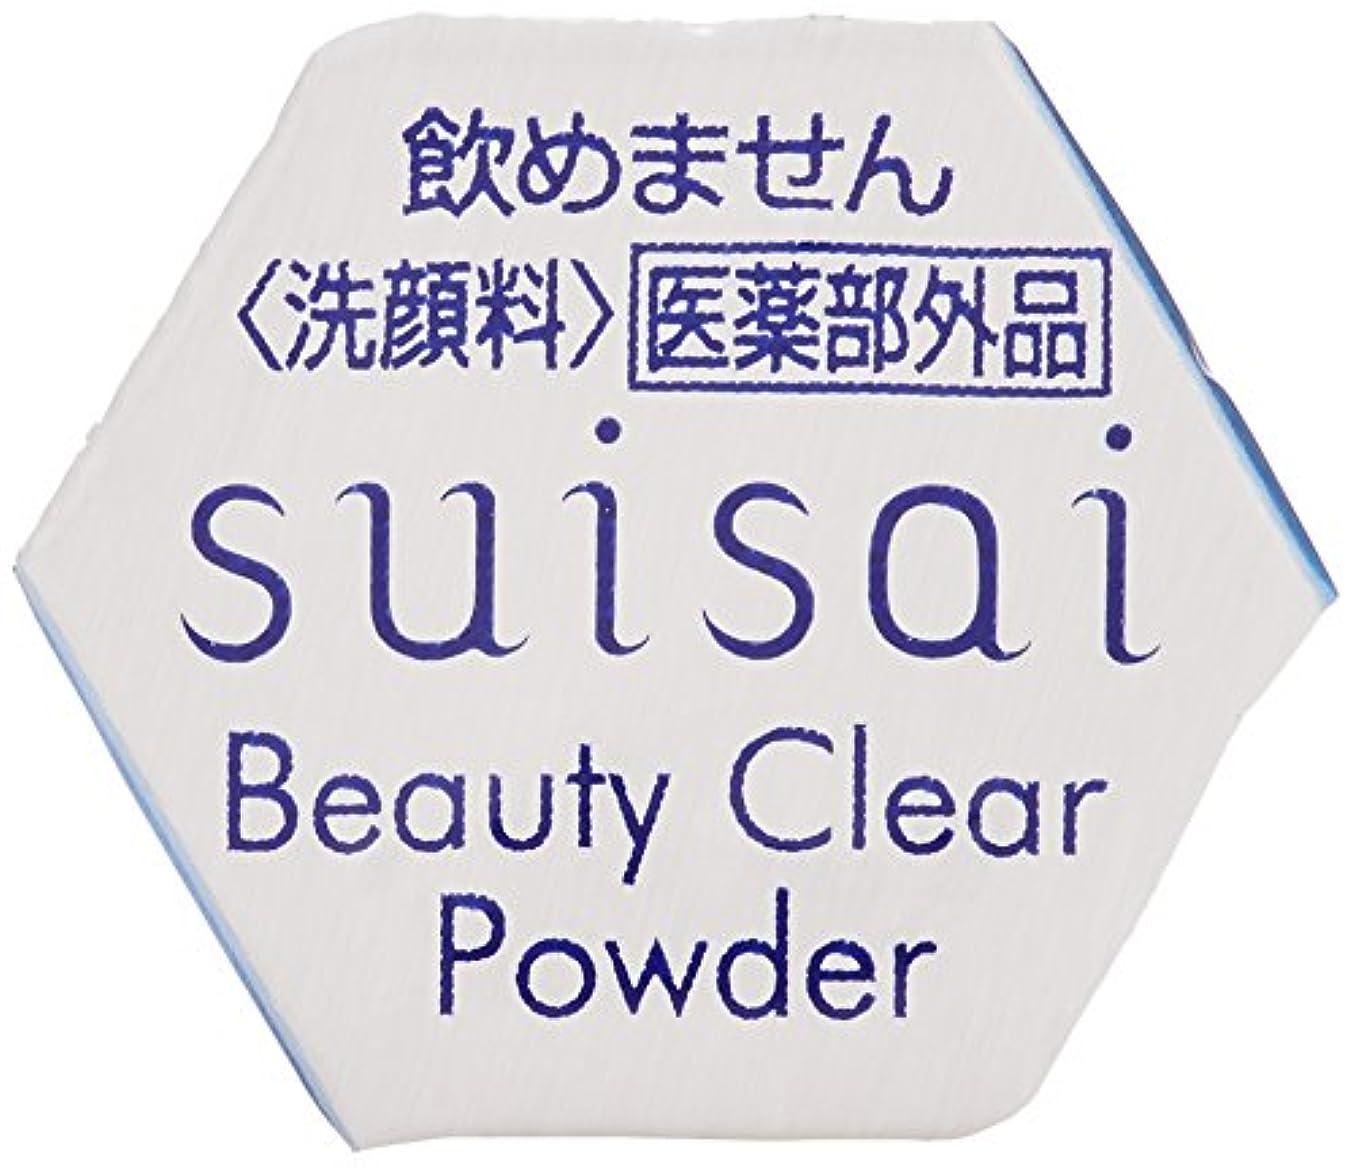 suisai ビューティ クリアパウダーa 0.4gx32個 洗顔料 アウトレット